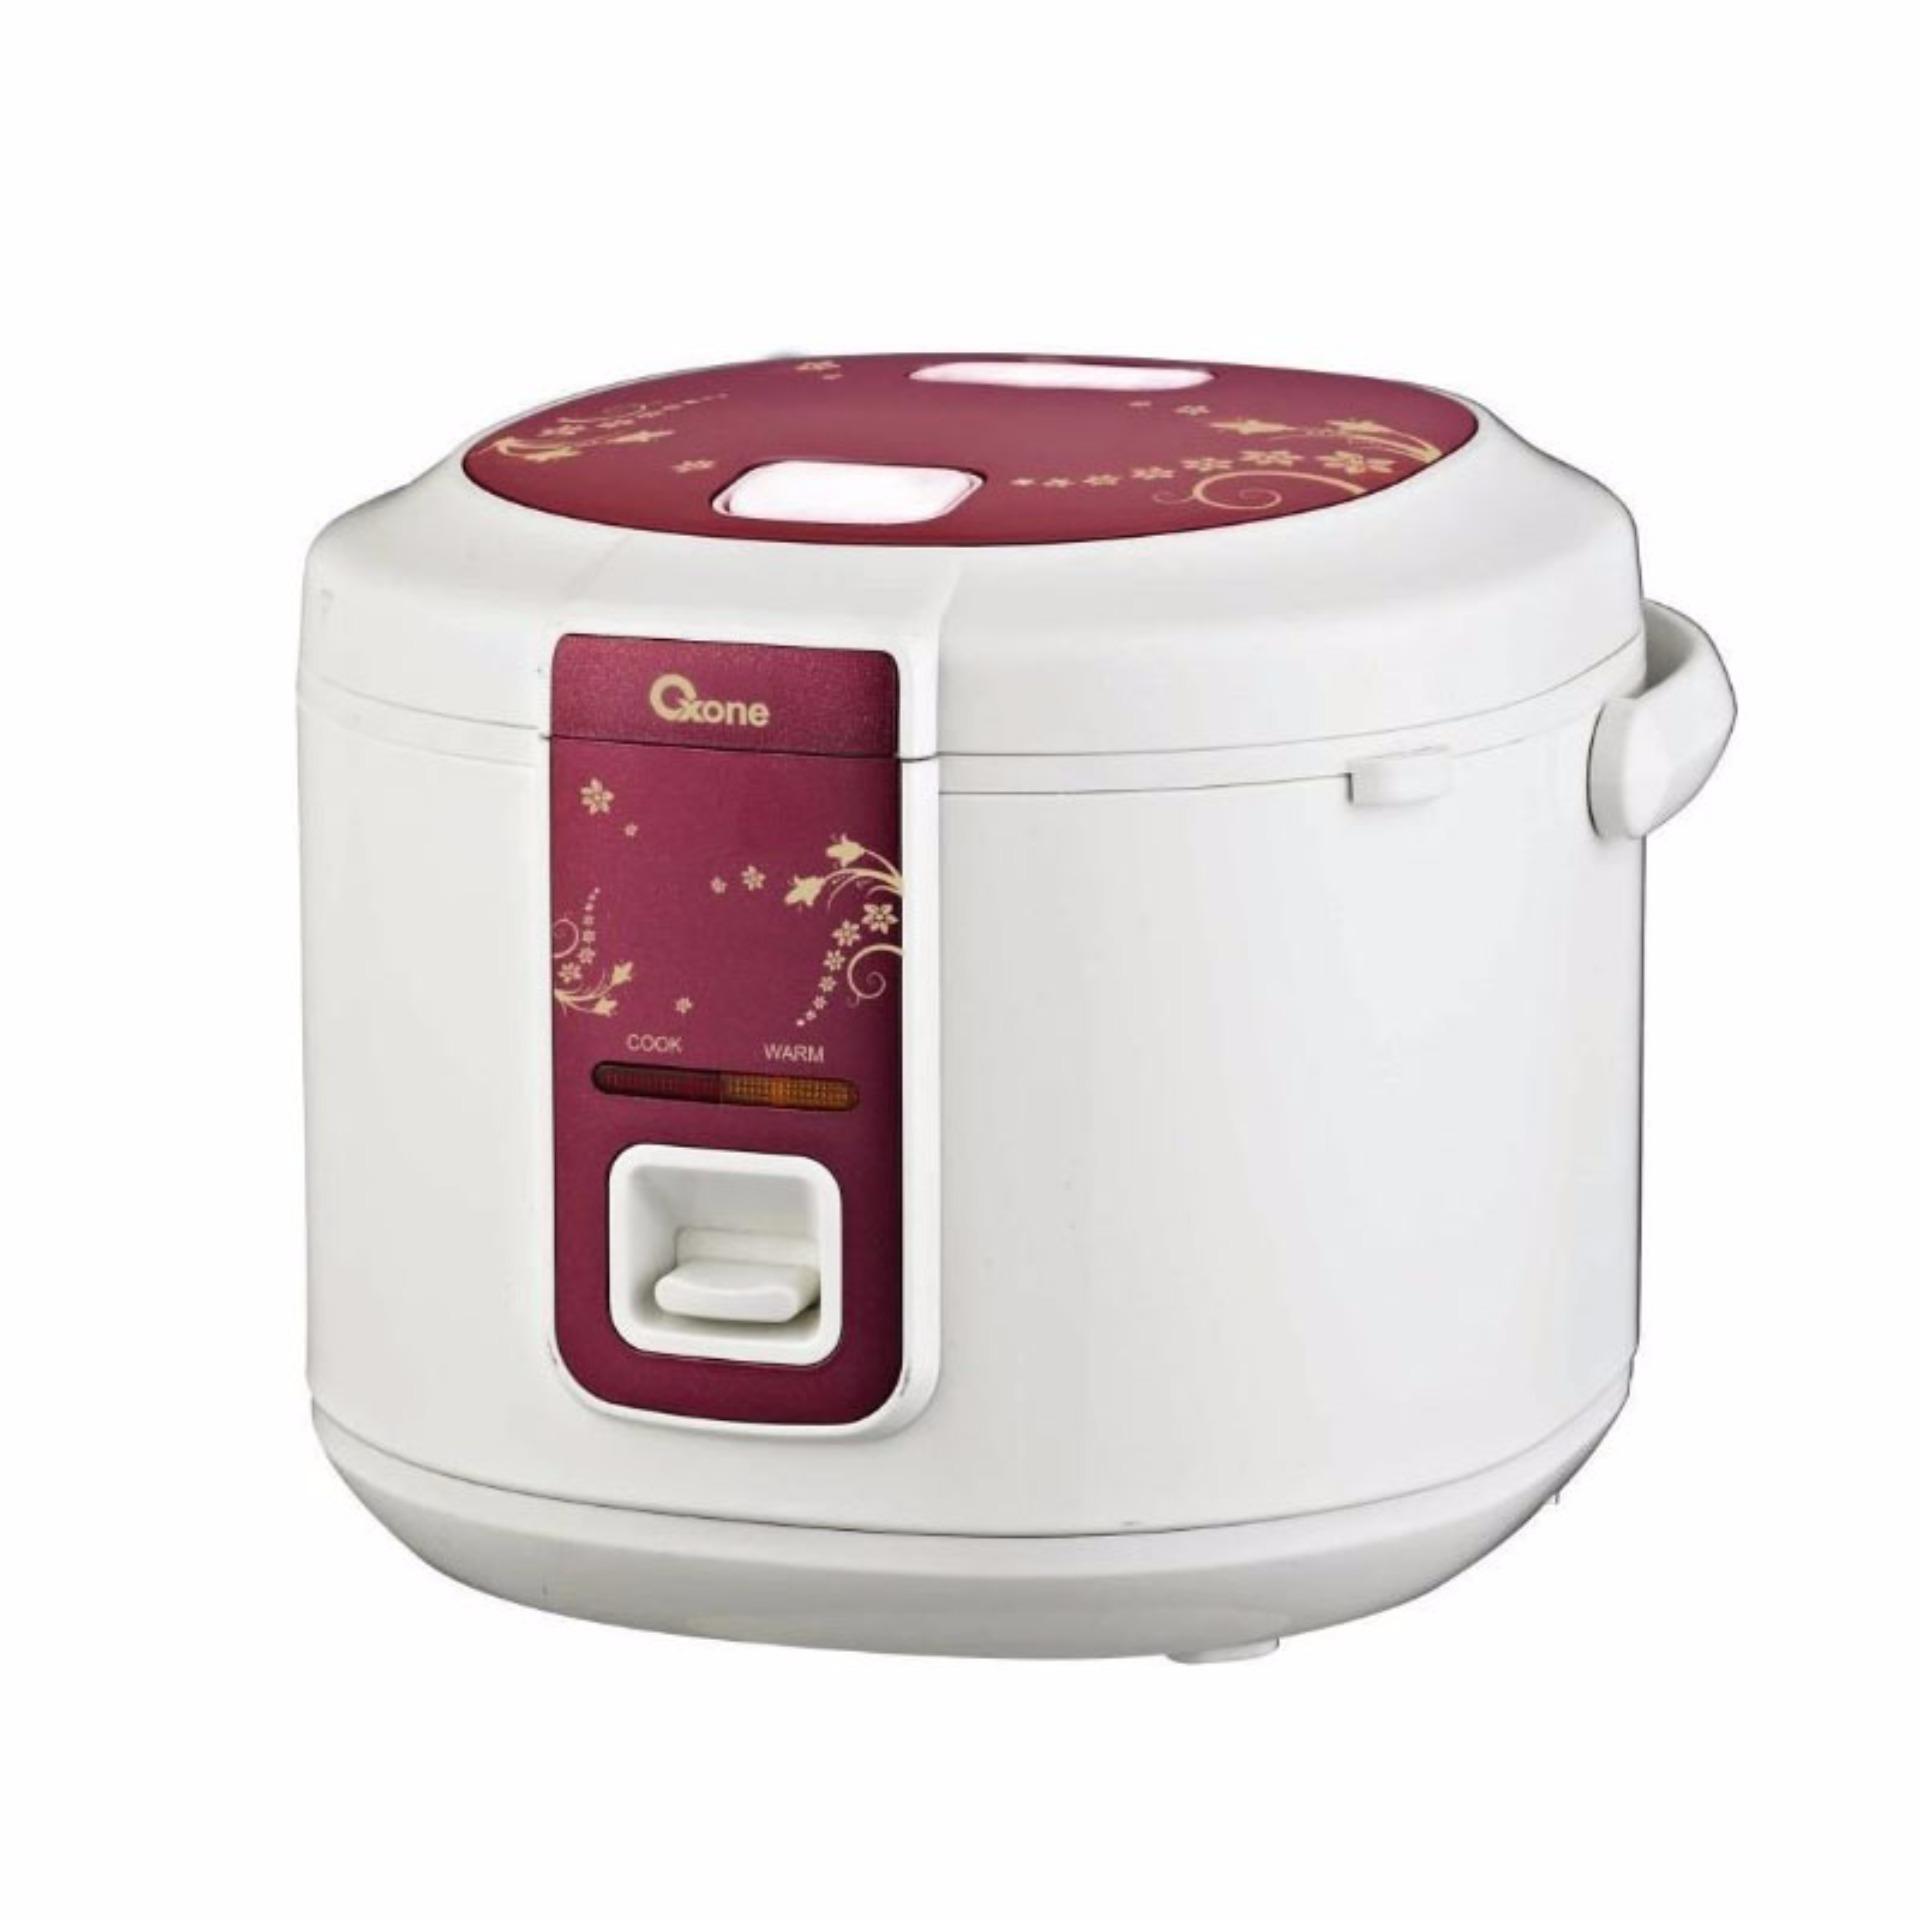 Harga preferensial Oxone OX-820N Rice Cooker/ Penanak nasi 1.8L beli sekarang -